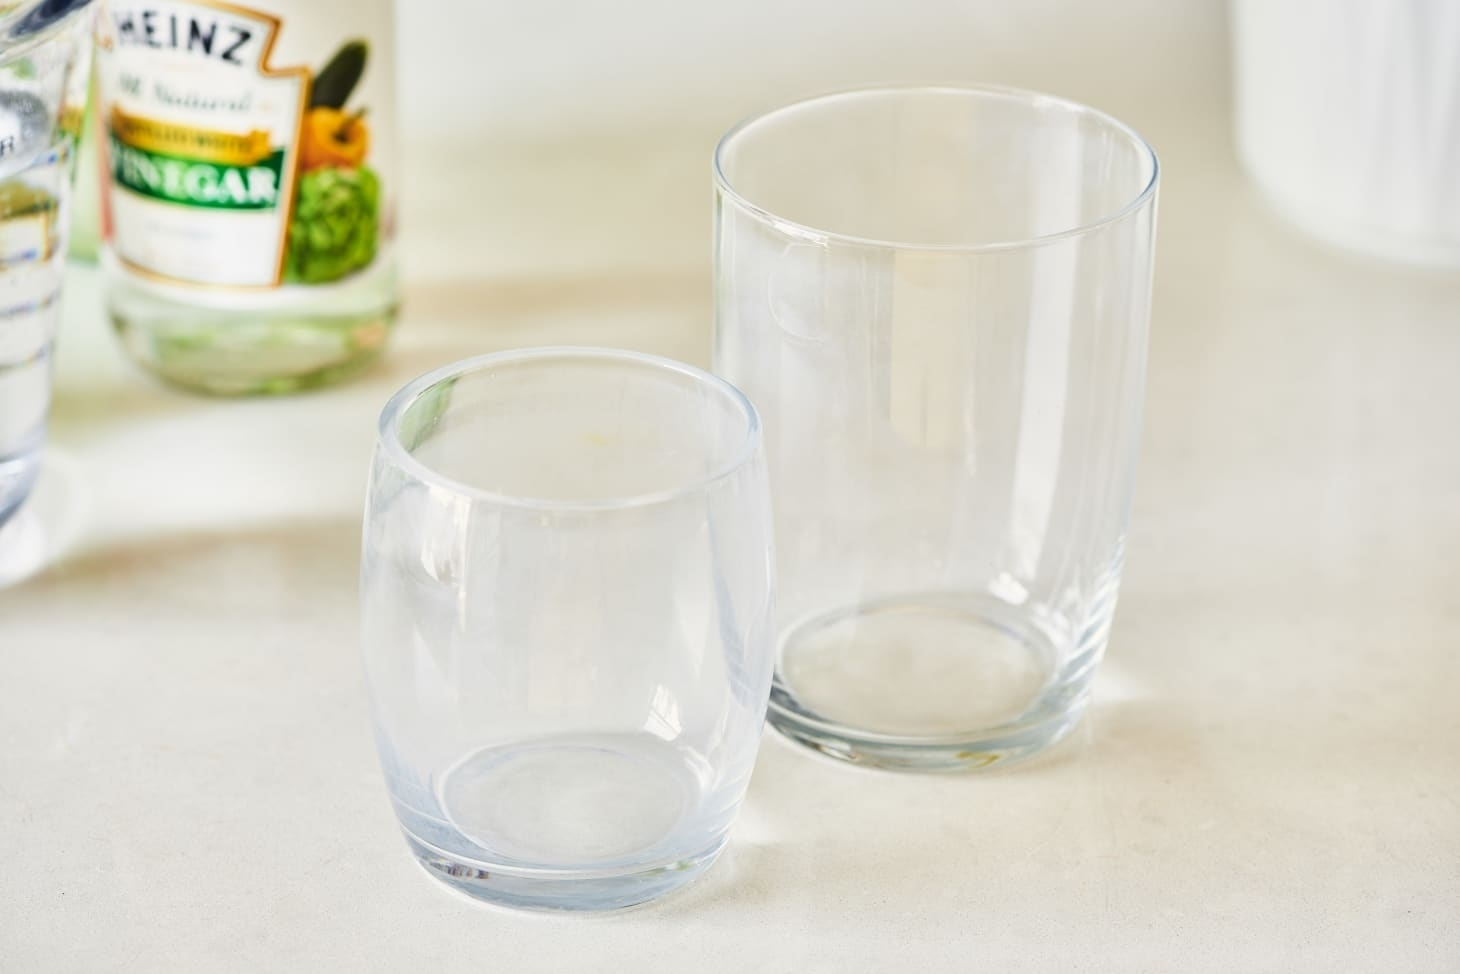 Если стеклянная посуда помутнела после посудомоечной машины